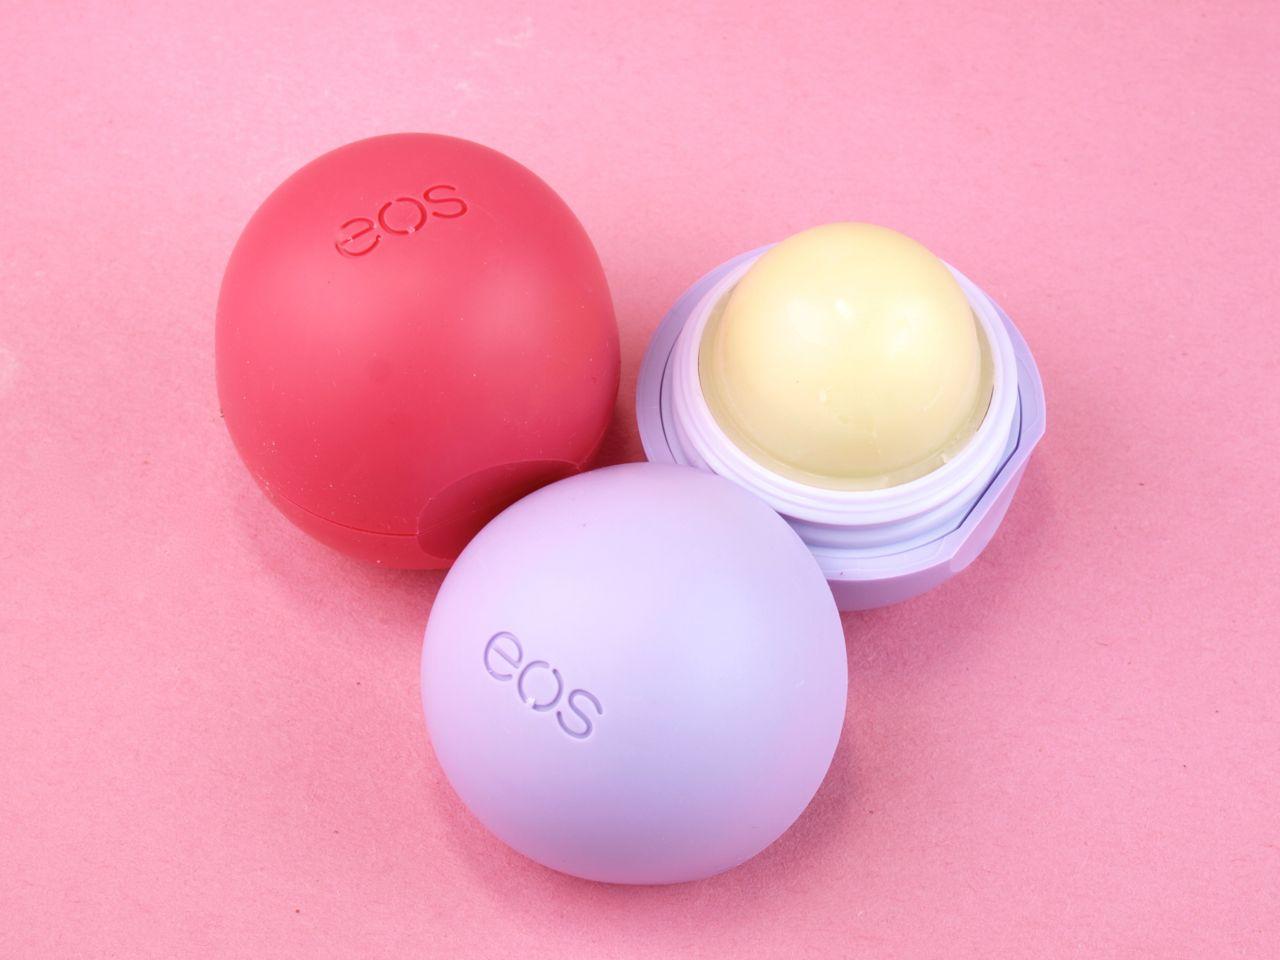 Набор бальзамов для губ EOS: маракуйя и арбуз, 294 грн